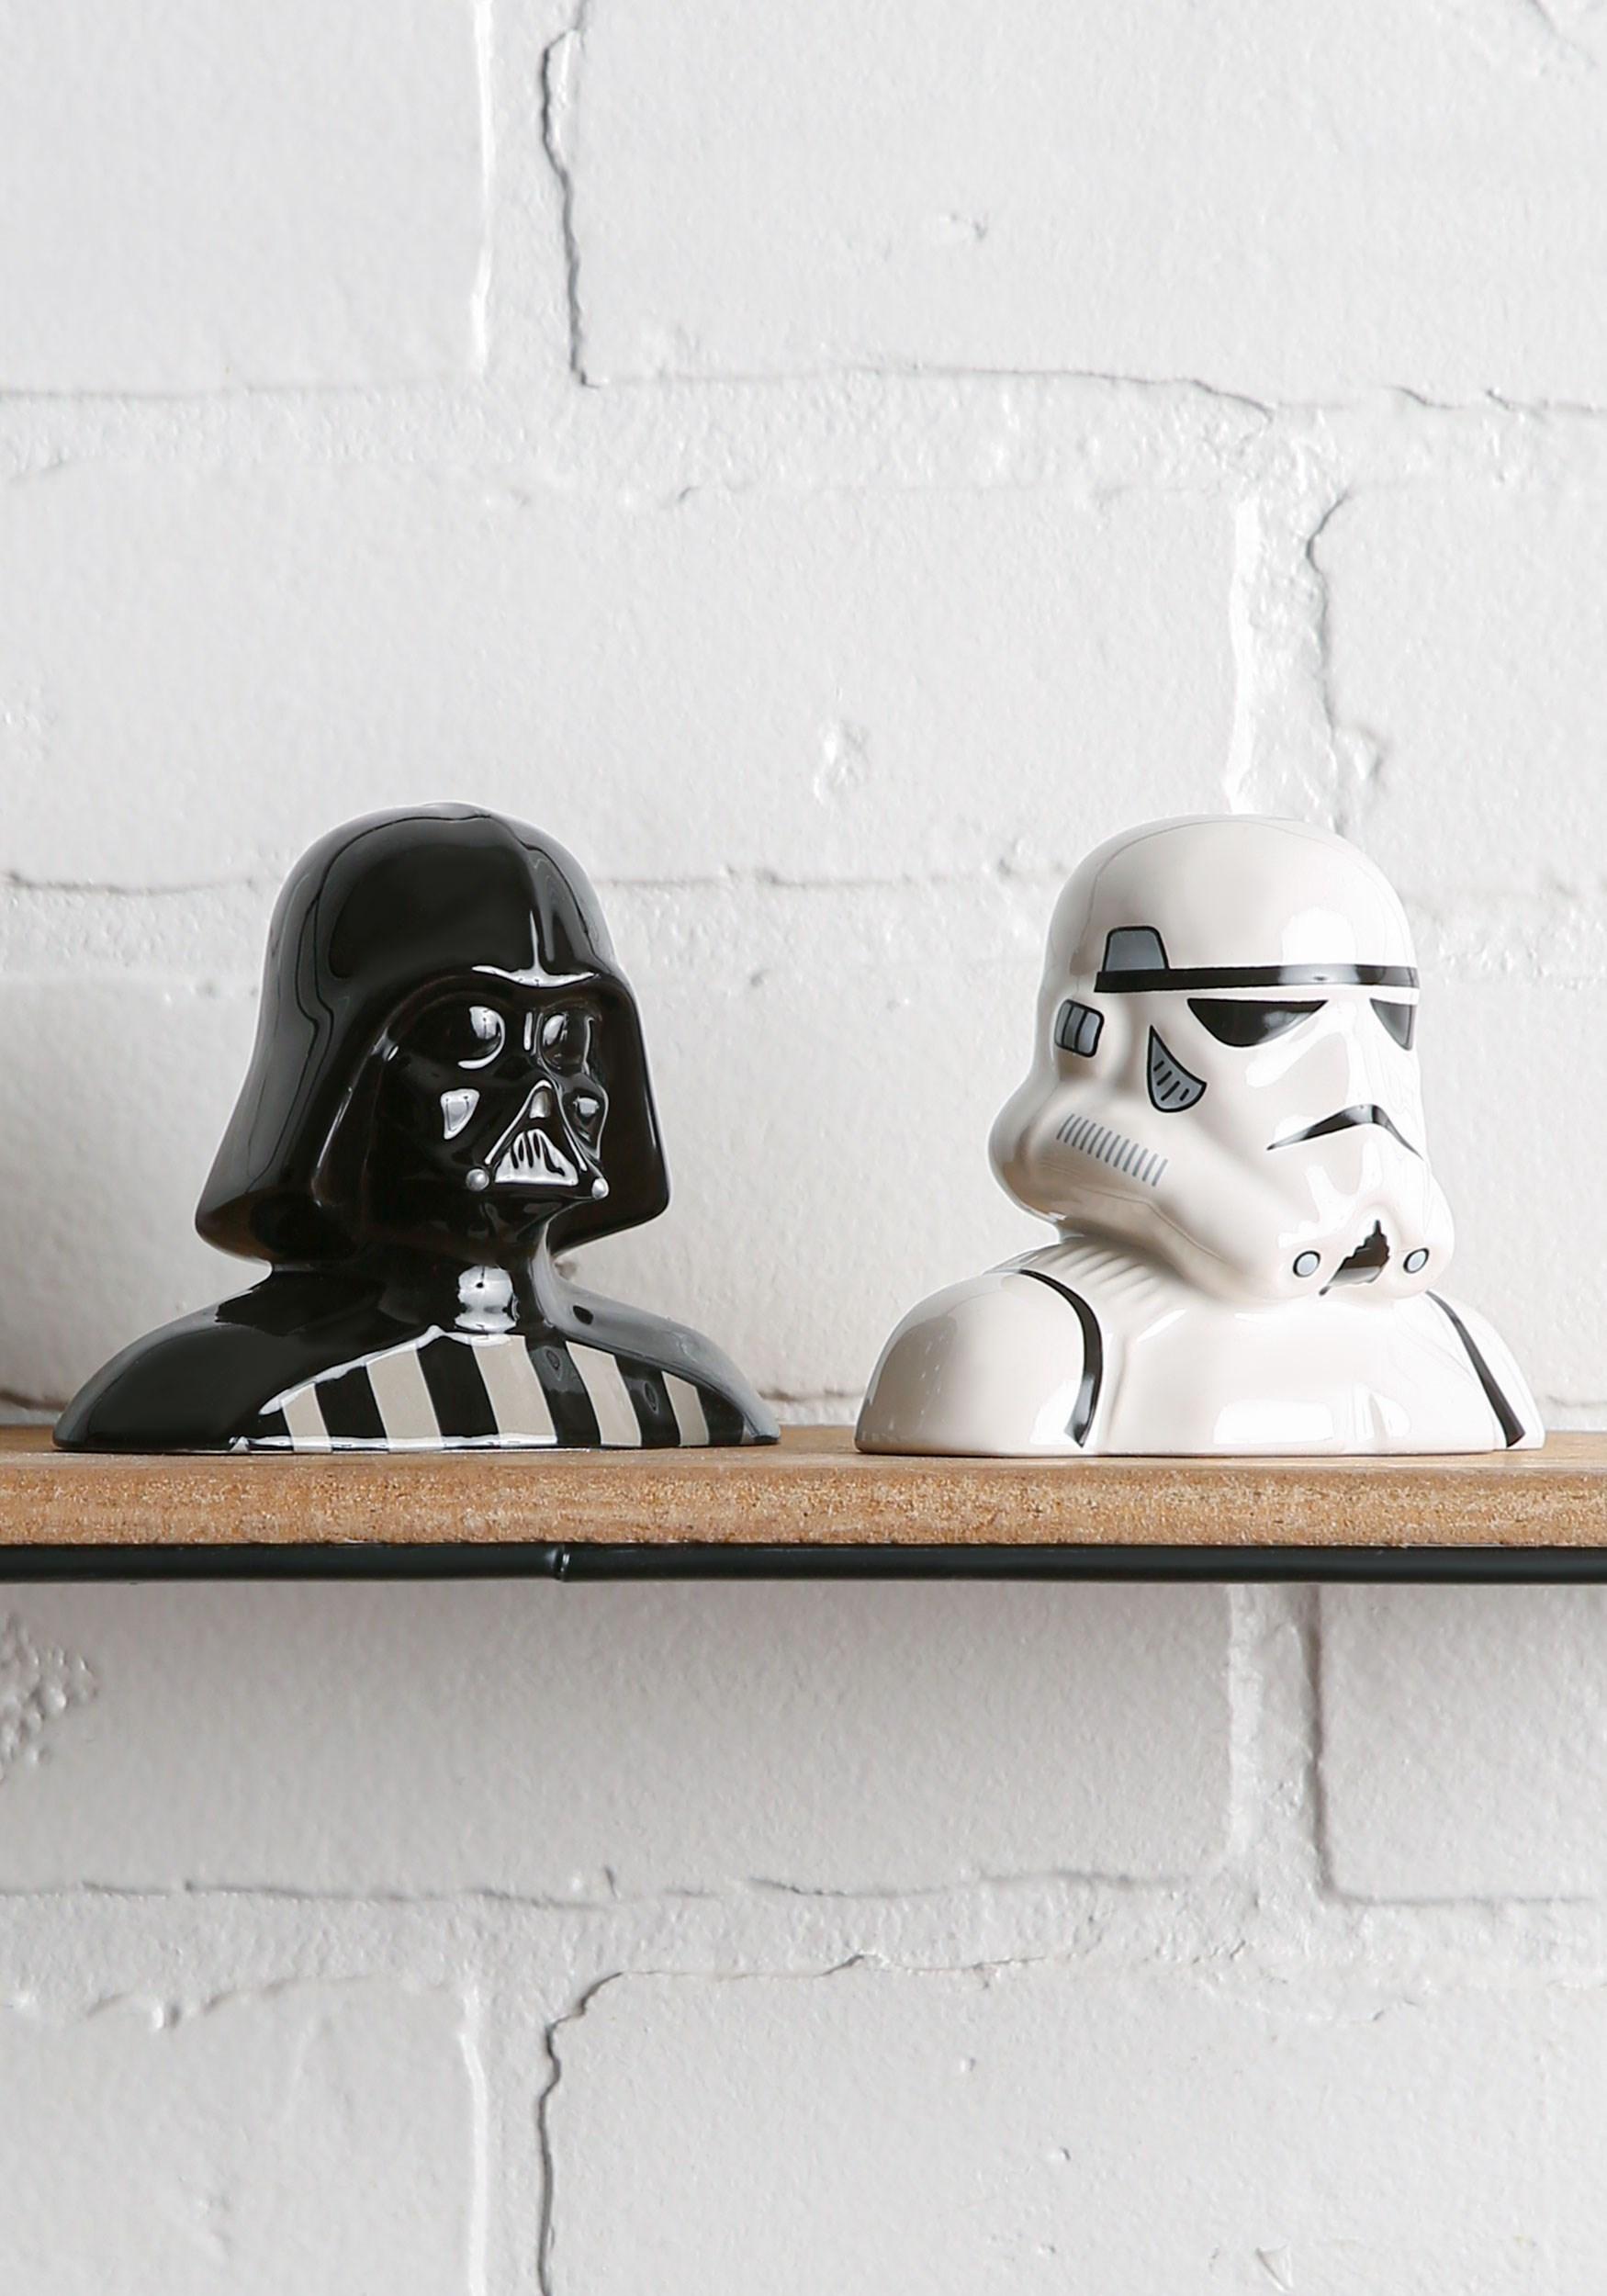 Star wars darth vader storm trooper salt pepper shakers - Darth vader and stormtrooper salt and pepper shakers ...